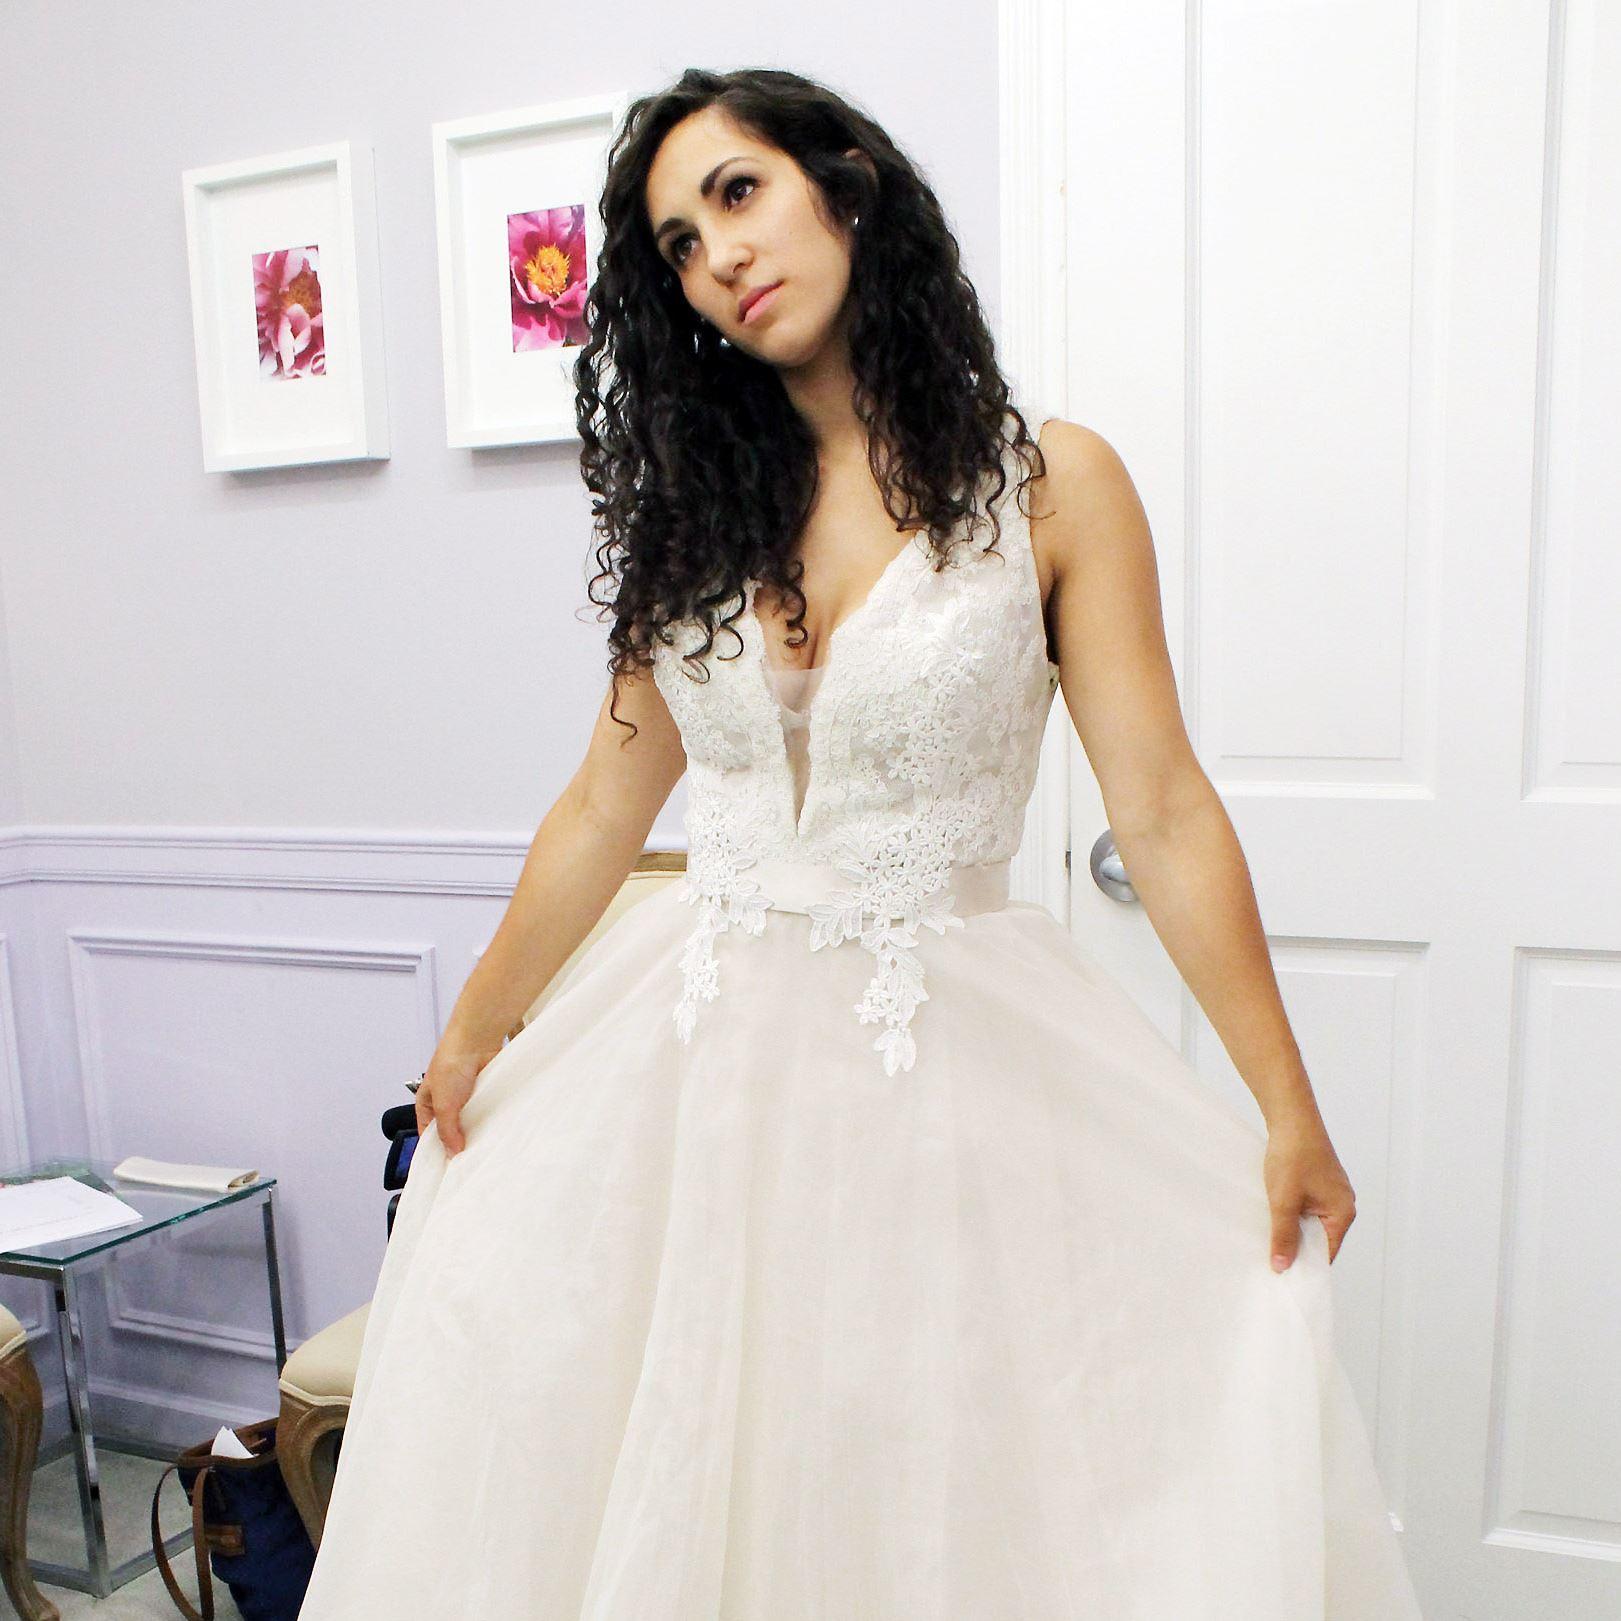 Winnie cheap wedding dress: Pittsburgh ancient along with Net legend ...